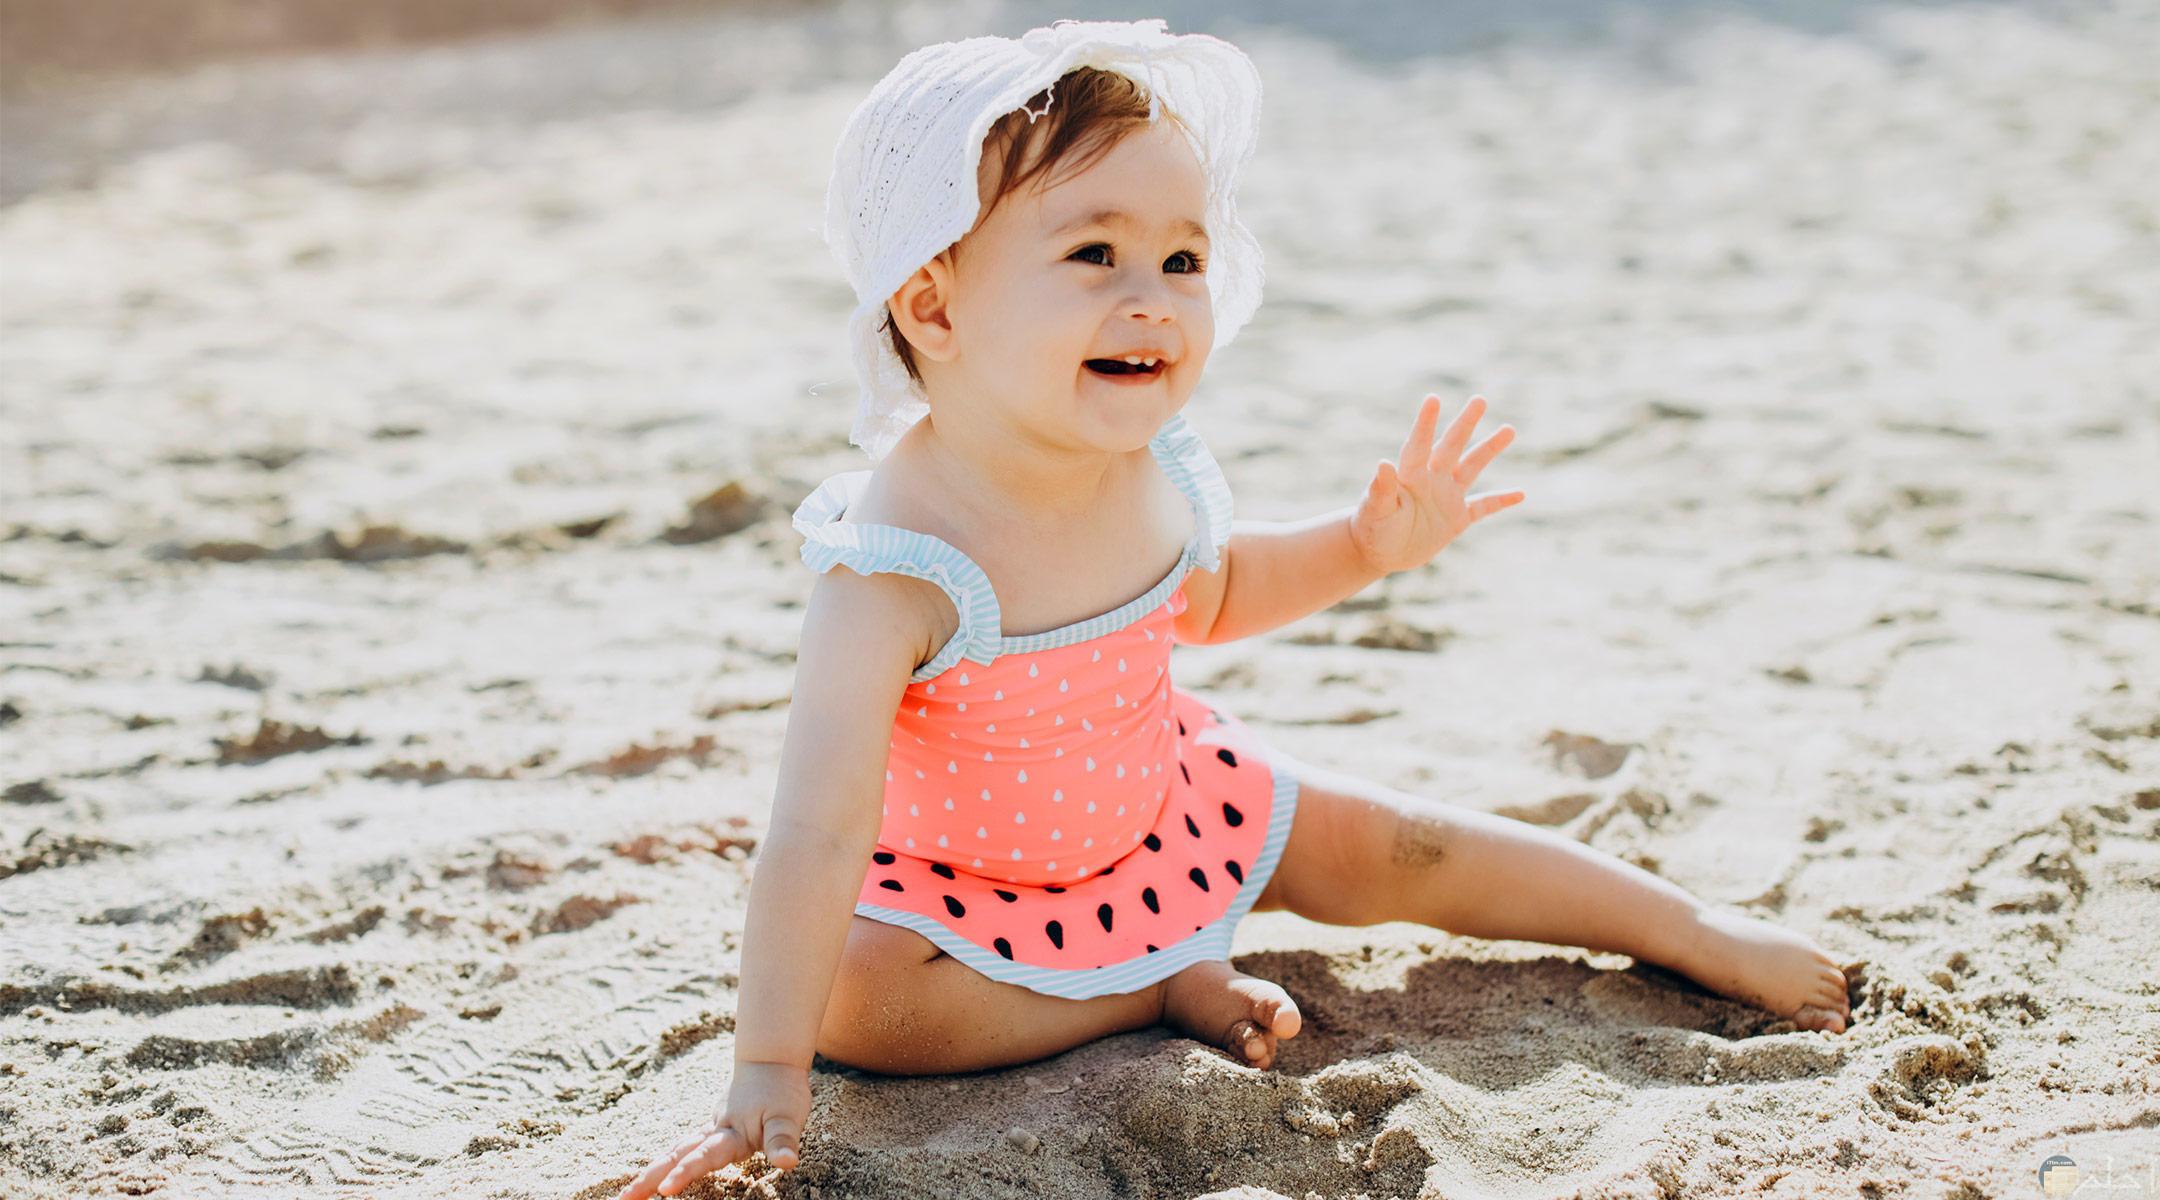 طفلة صغيرة على رمال الشاطئ.